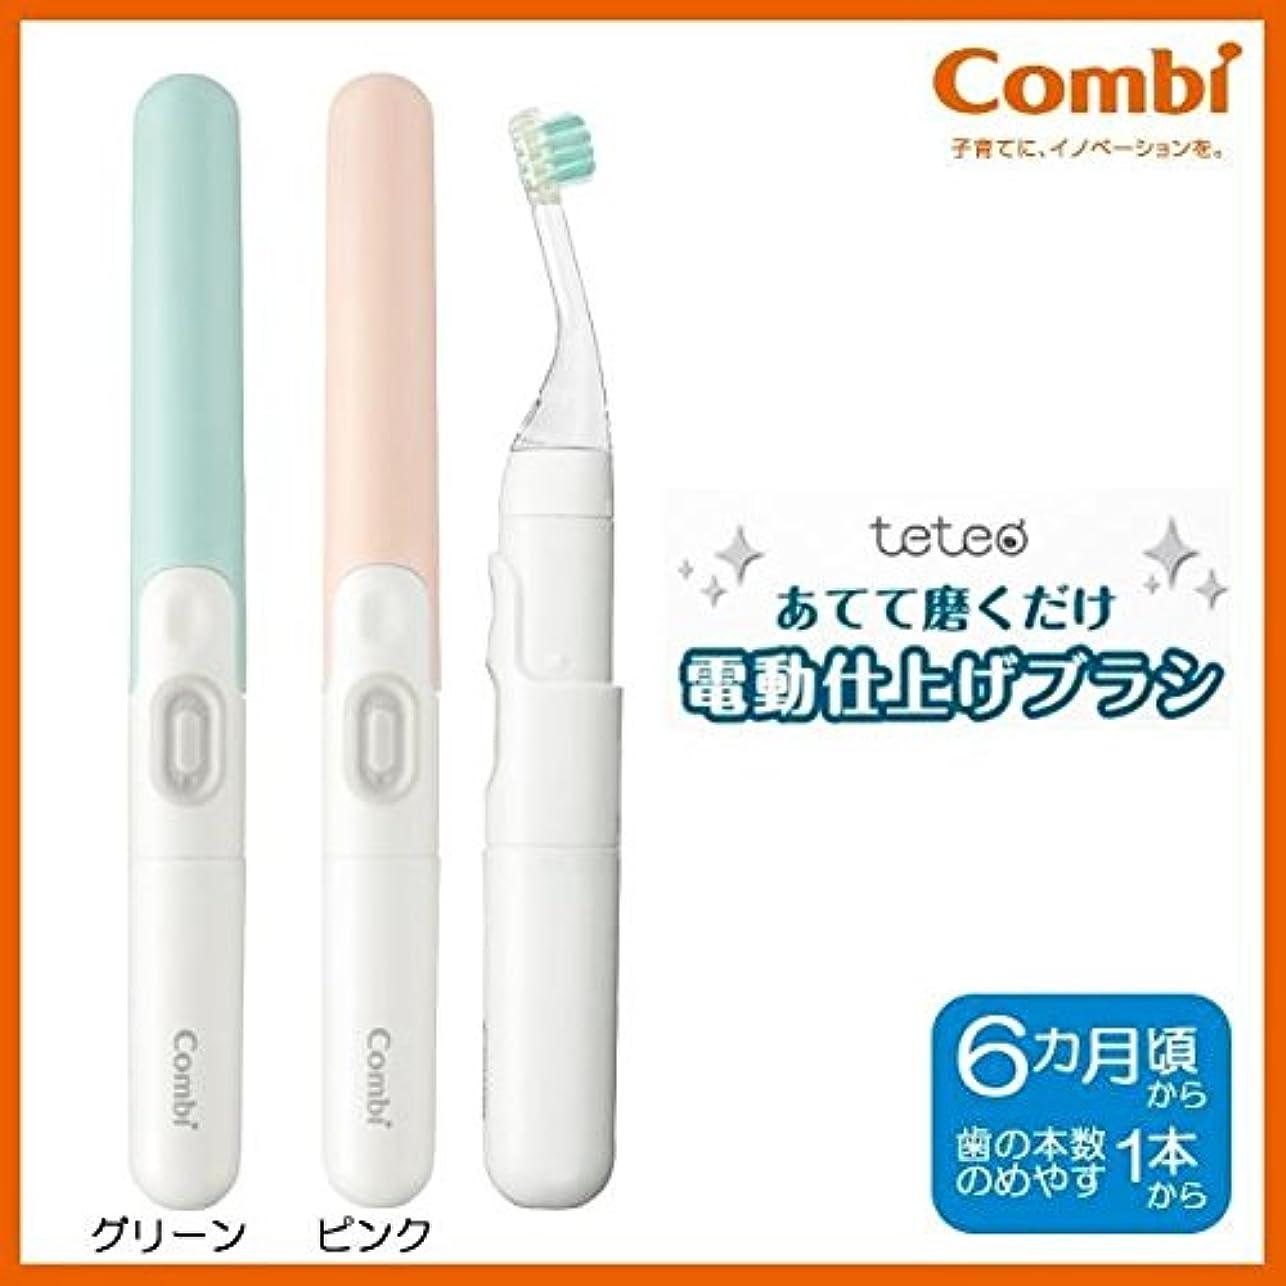 予算ラジウム叫び声Combi(コンビ) テテオ あてて磨くだけ 電動仕上げブラシ ■2種類の内「ピンク」のみです